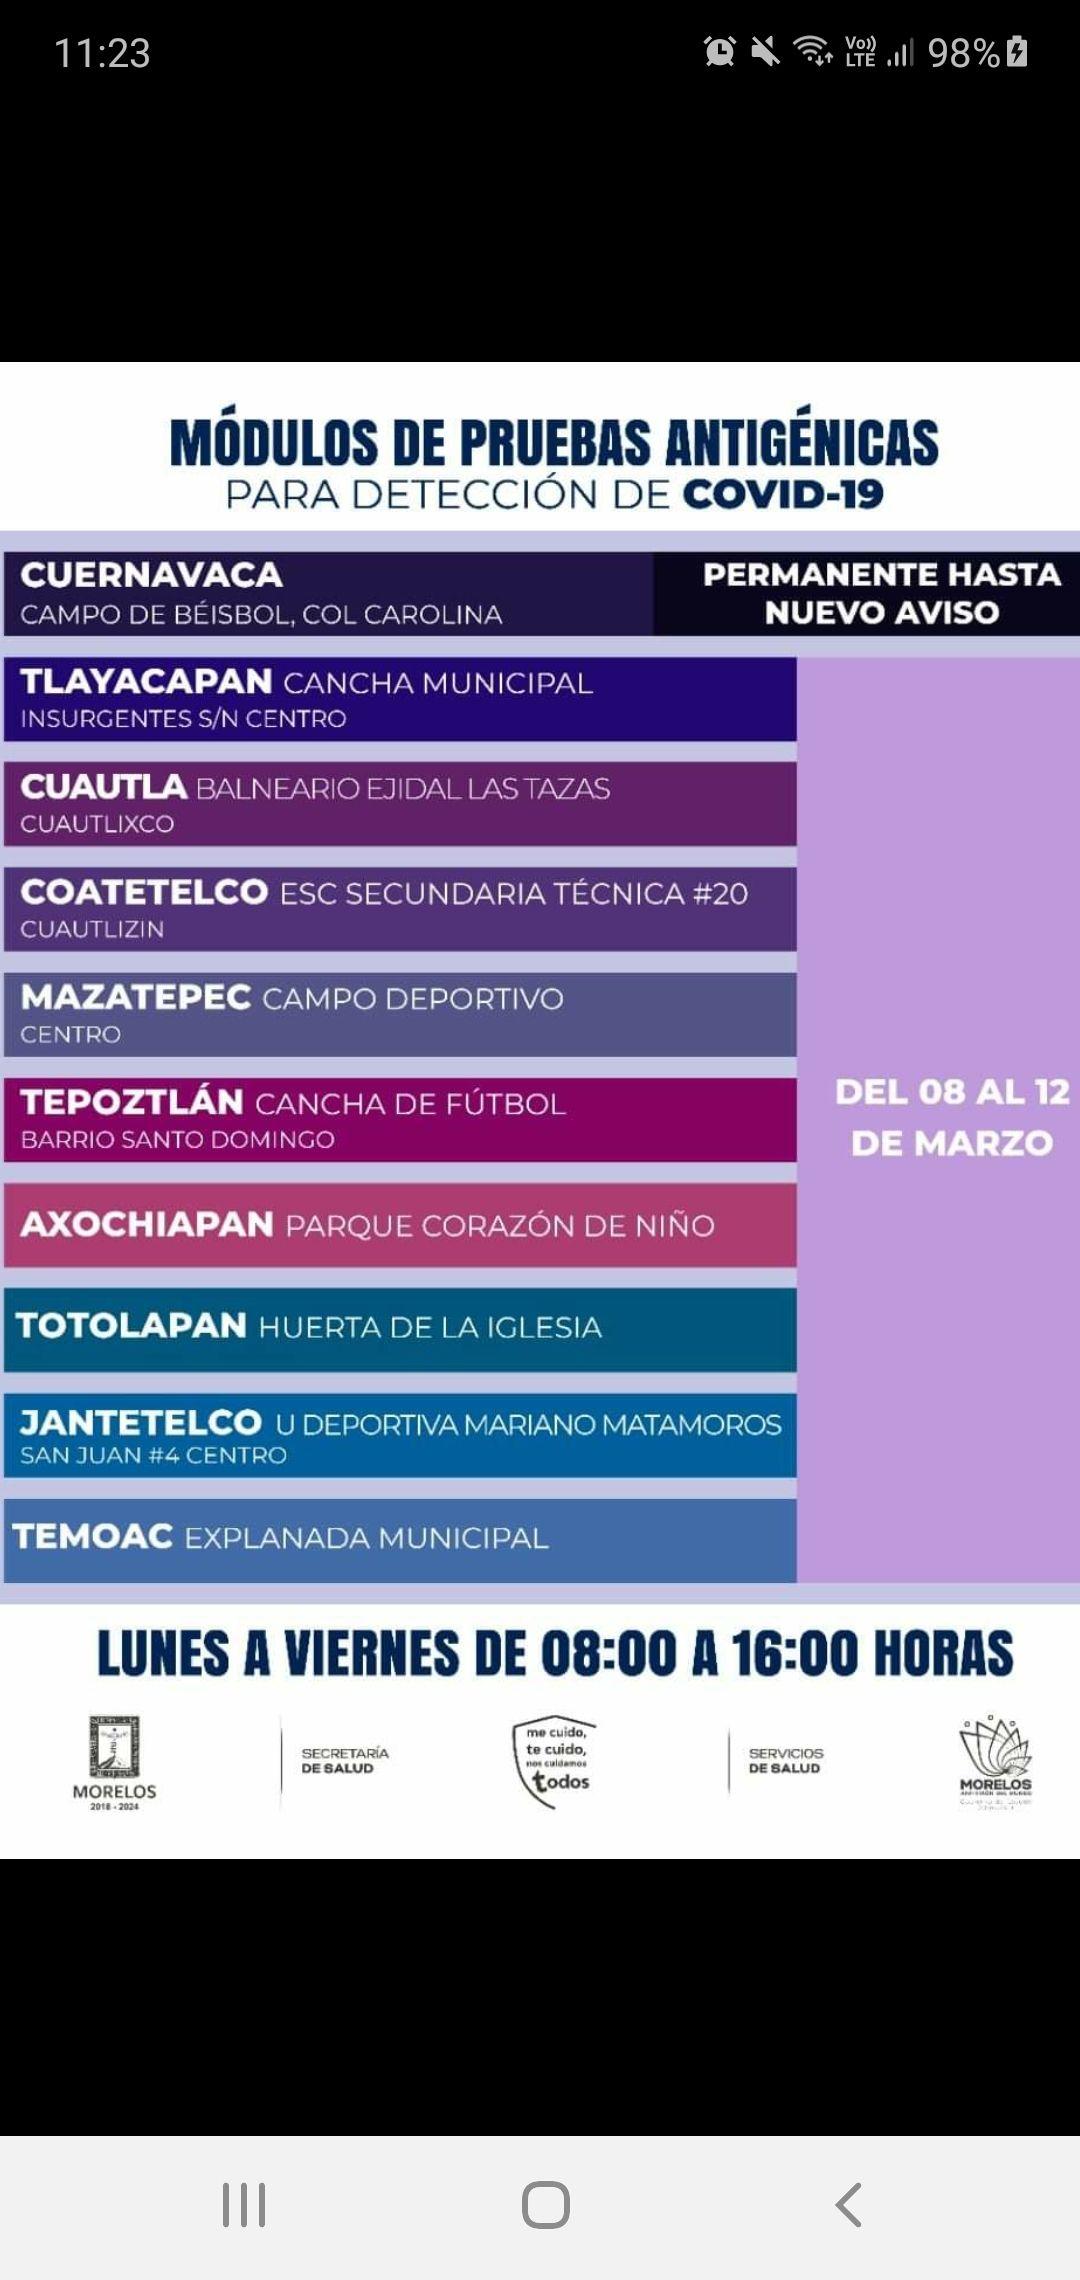 MORELOS: PRUEBAS COVID-19 GRATUITAS (del lunes 08 al 12 de marzo) cuernavaca permanente